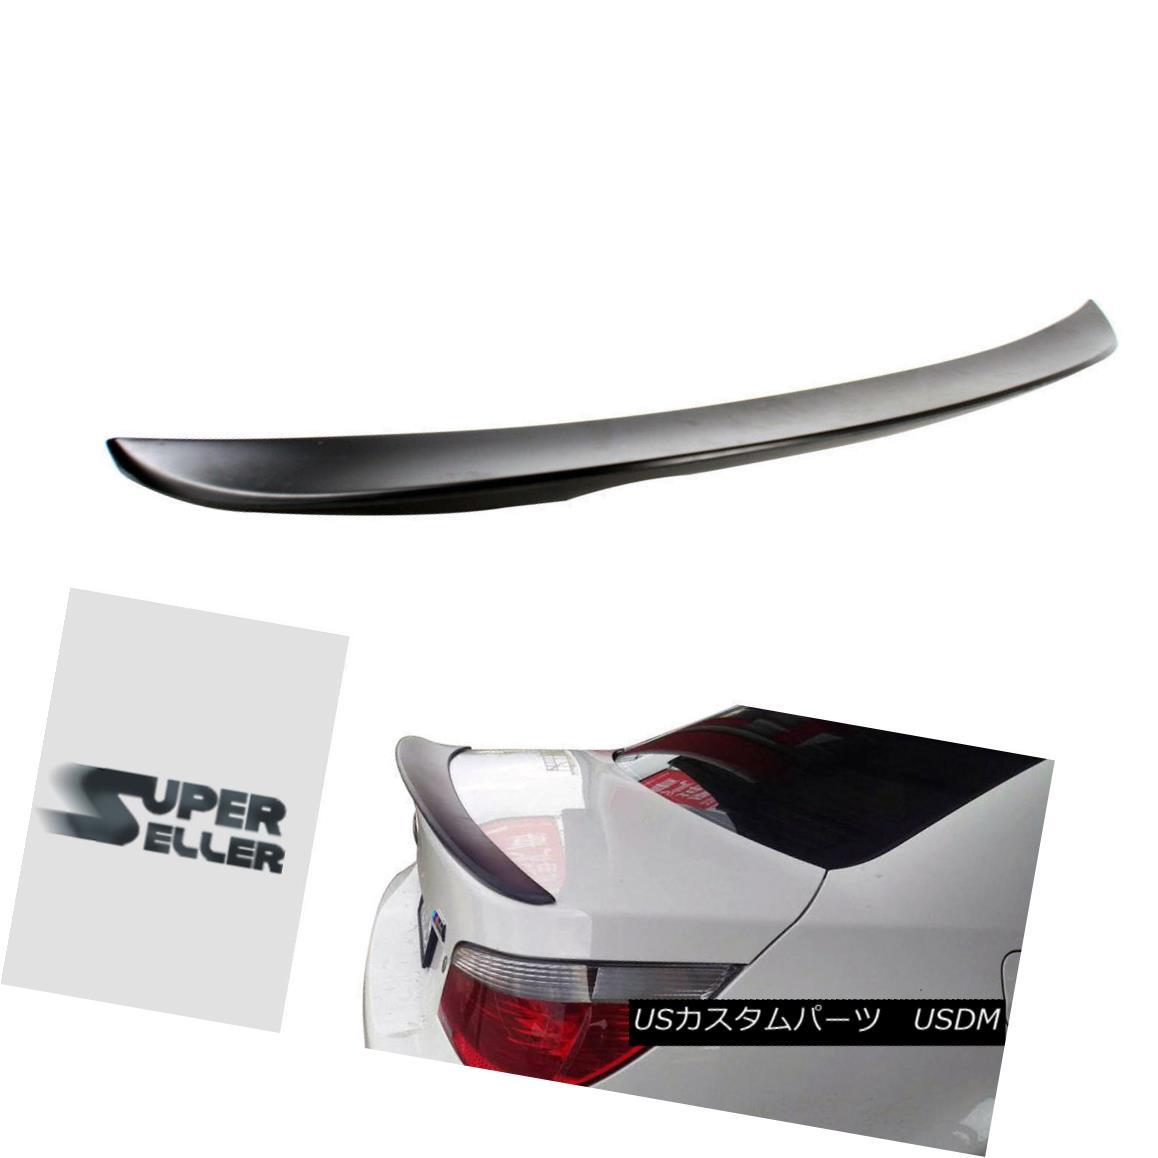 エアロパーツ Unpainted BMW 5-Series E60 Sedan P-Type High Kick Rear Trunk Spoiler Wing 525i 未塗装のBMW 5シリーズE60セダンP型ハイキックリアトランク・スポイラーウィング525i